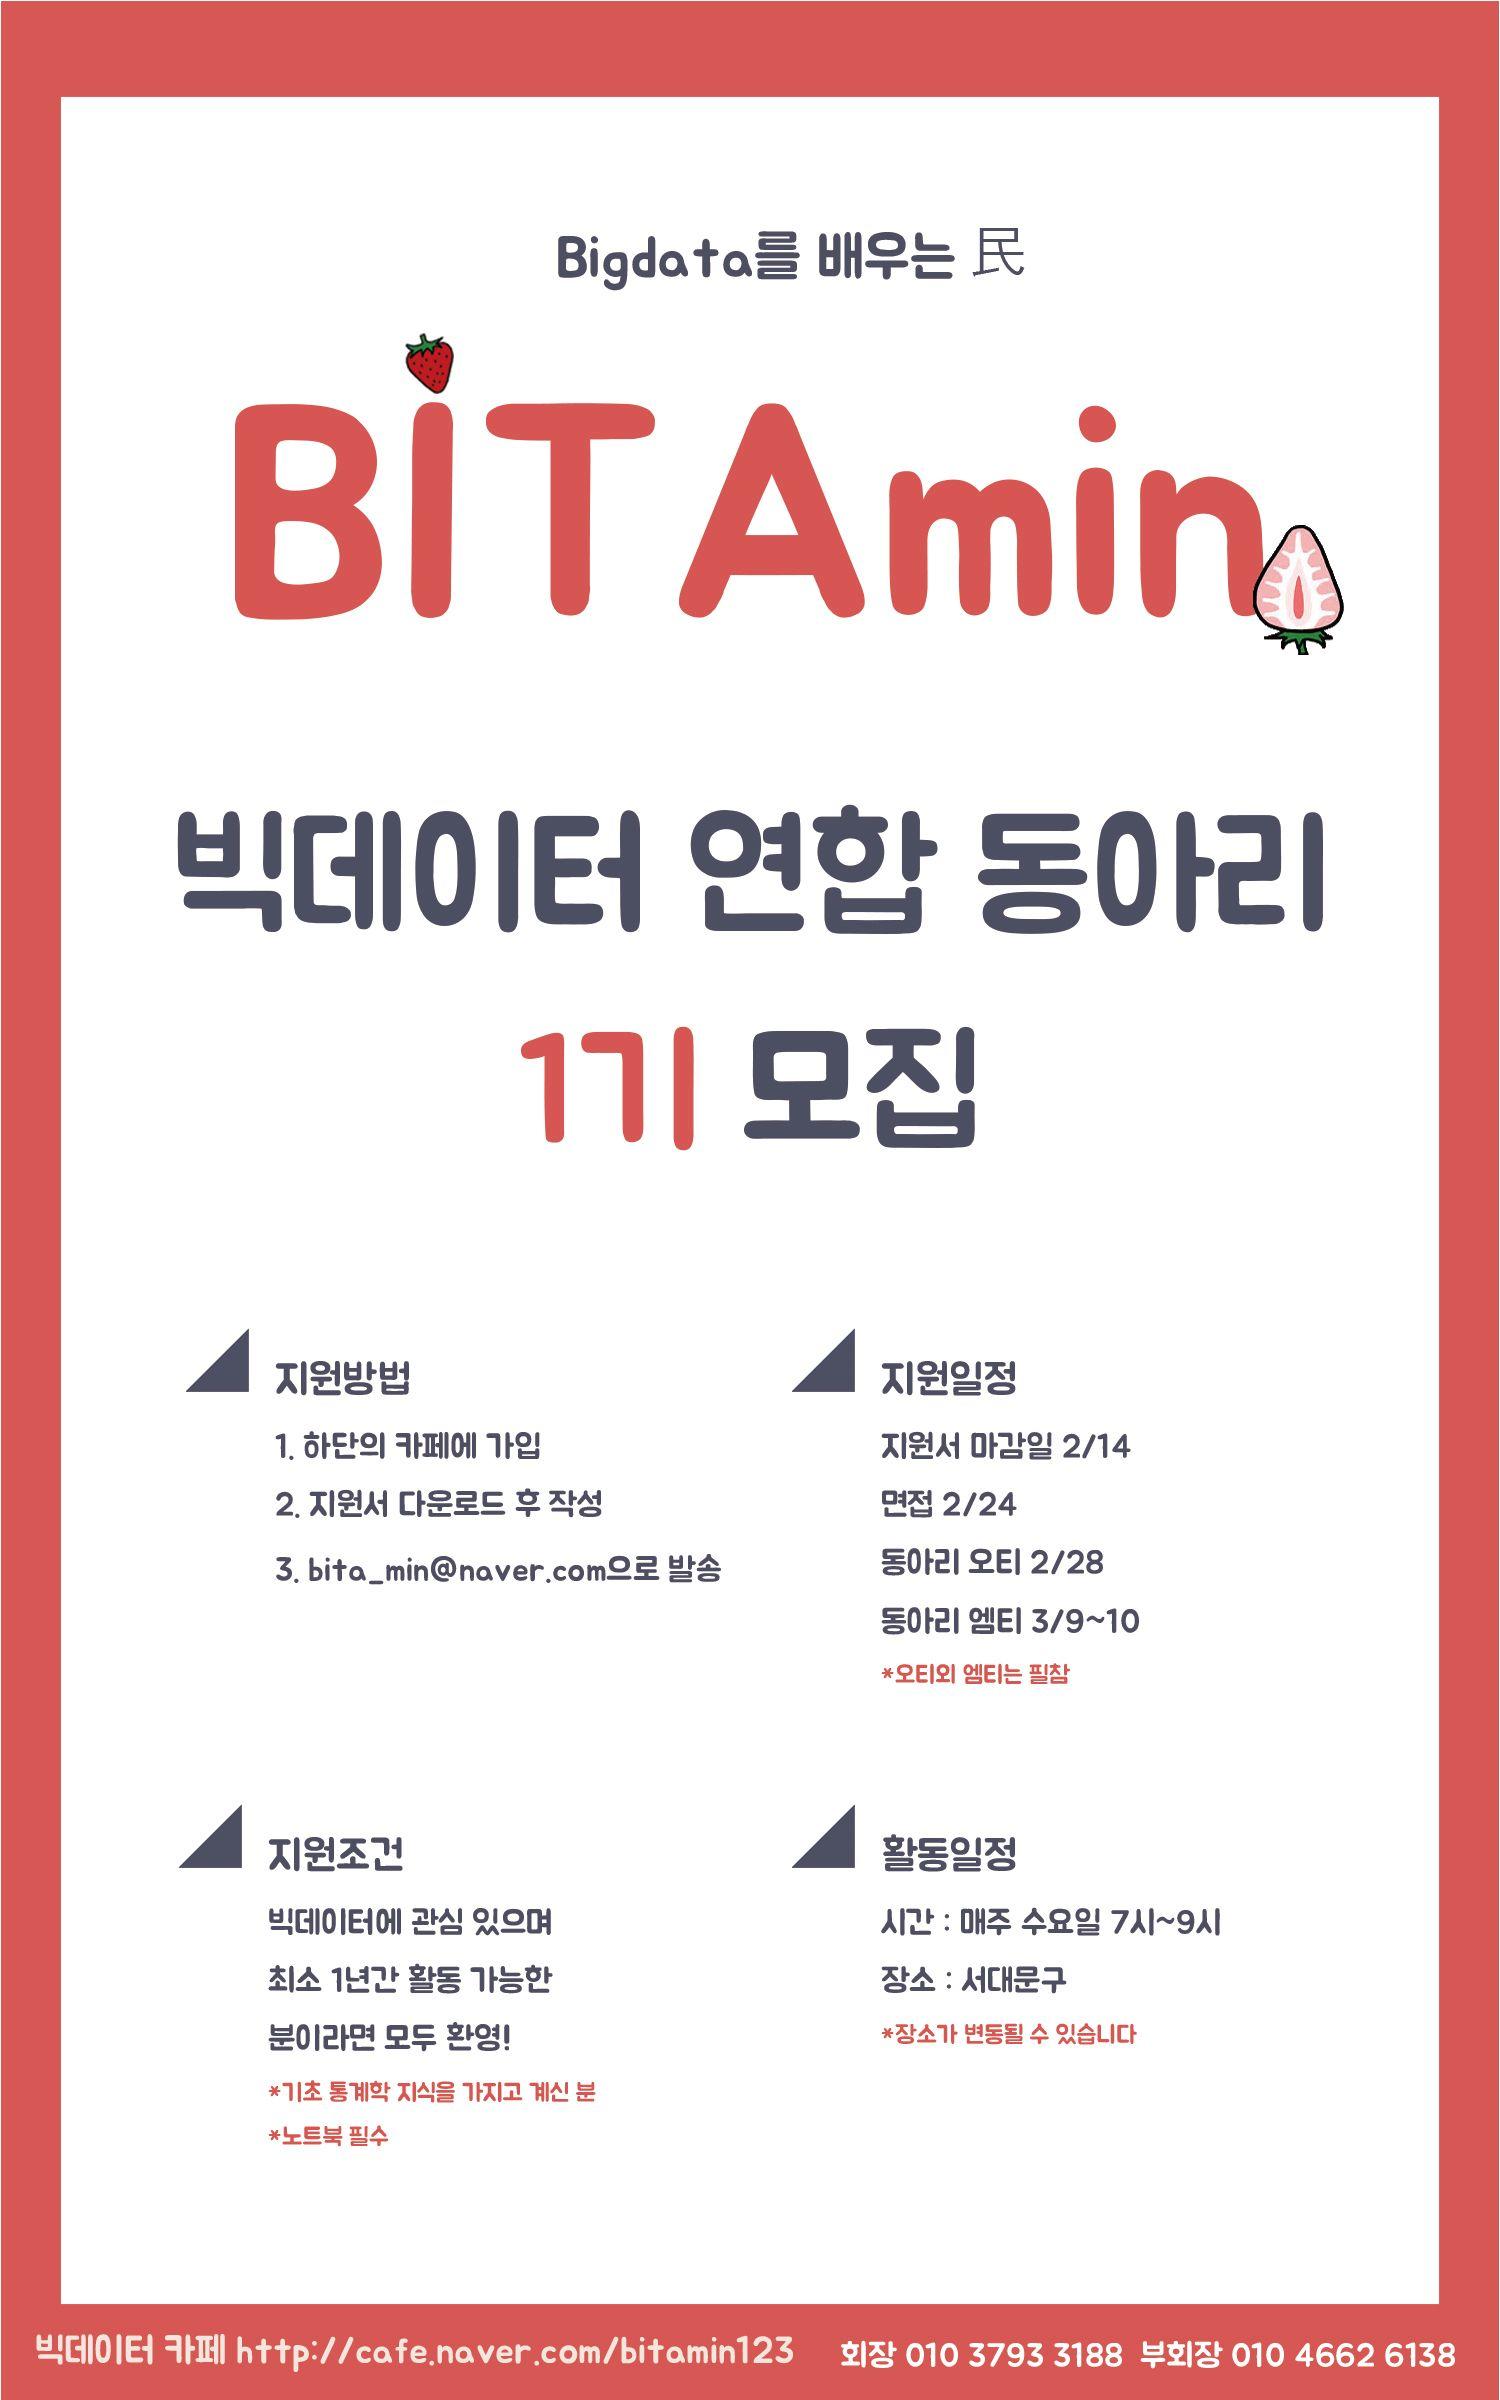 [비타민] 빅데이터 연합 동아리 1기 신입부원 모집